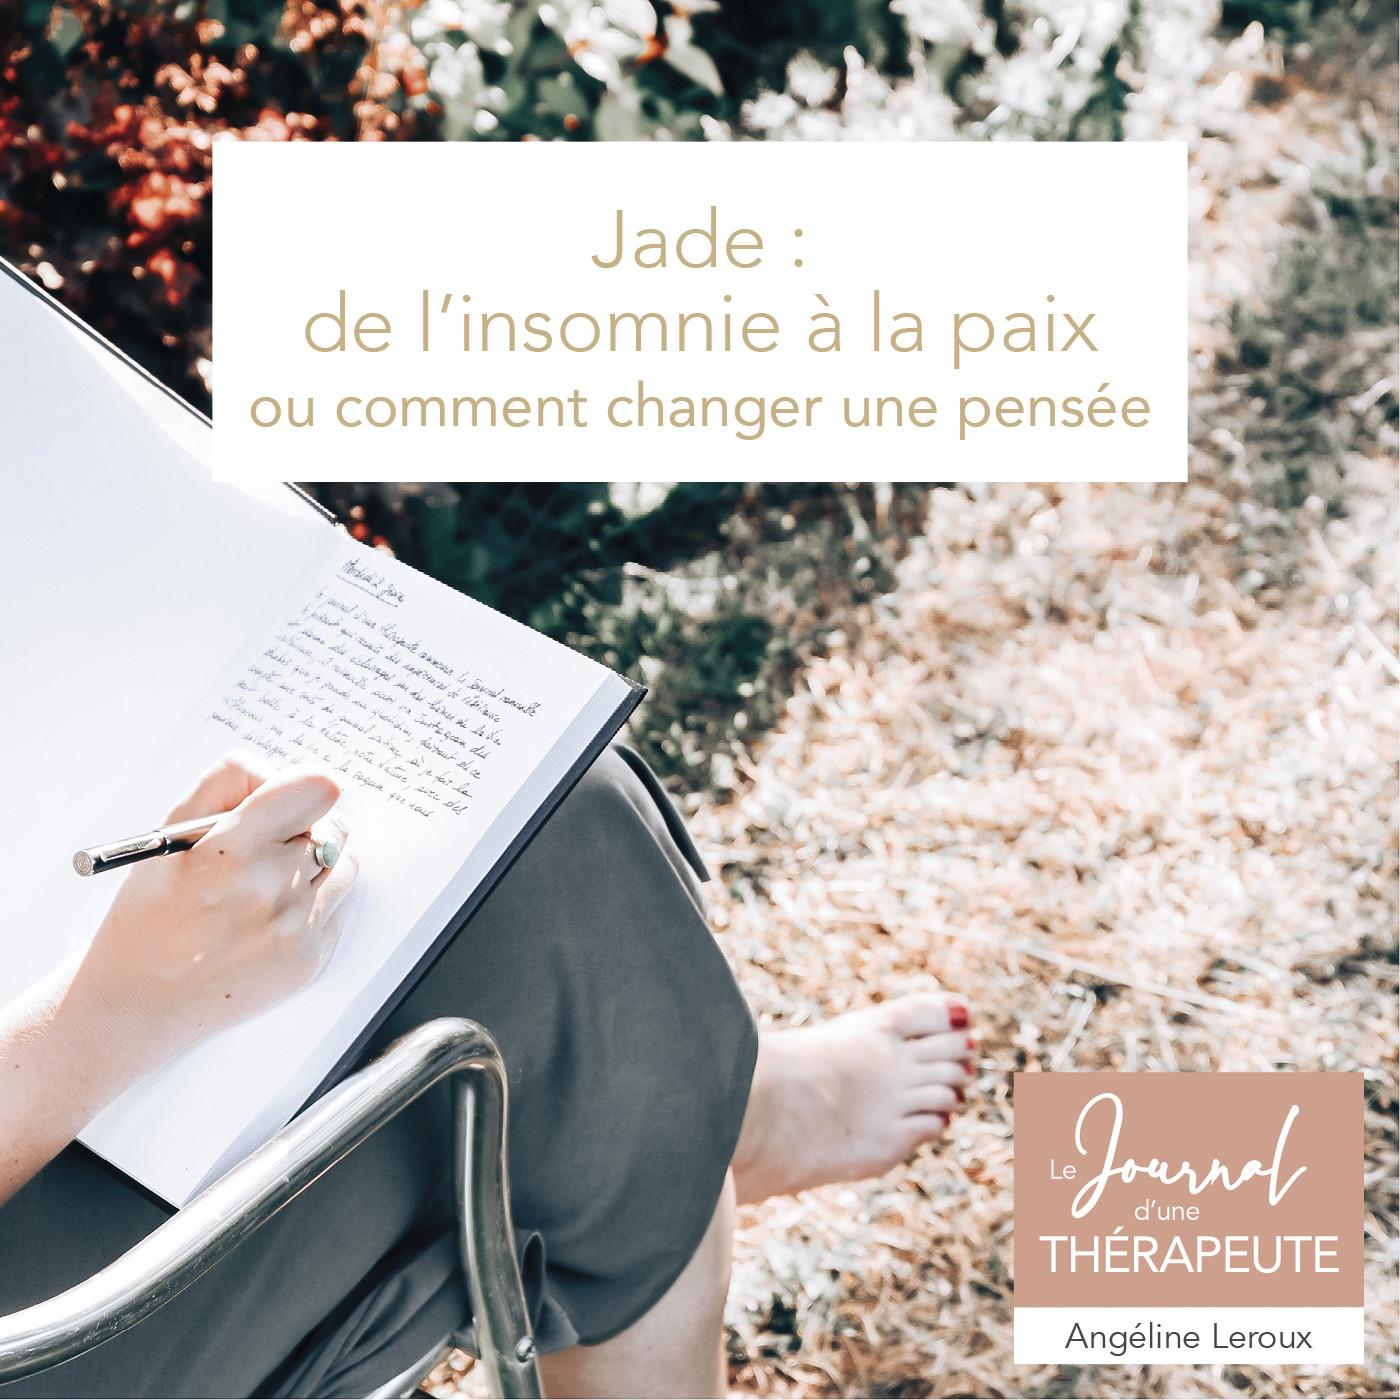 #12 - Jade : de l'insomnie à la paix, ou comment changer une pensée